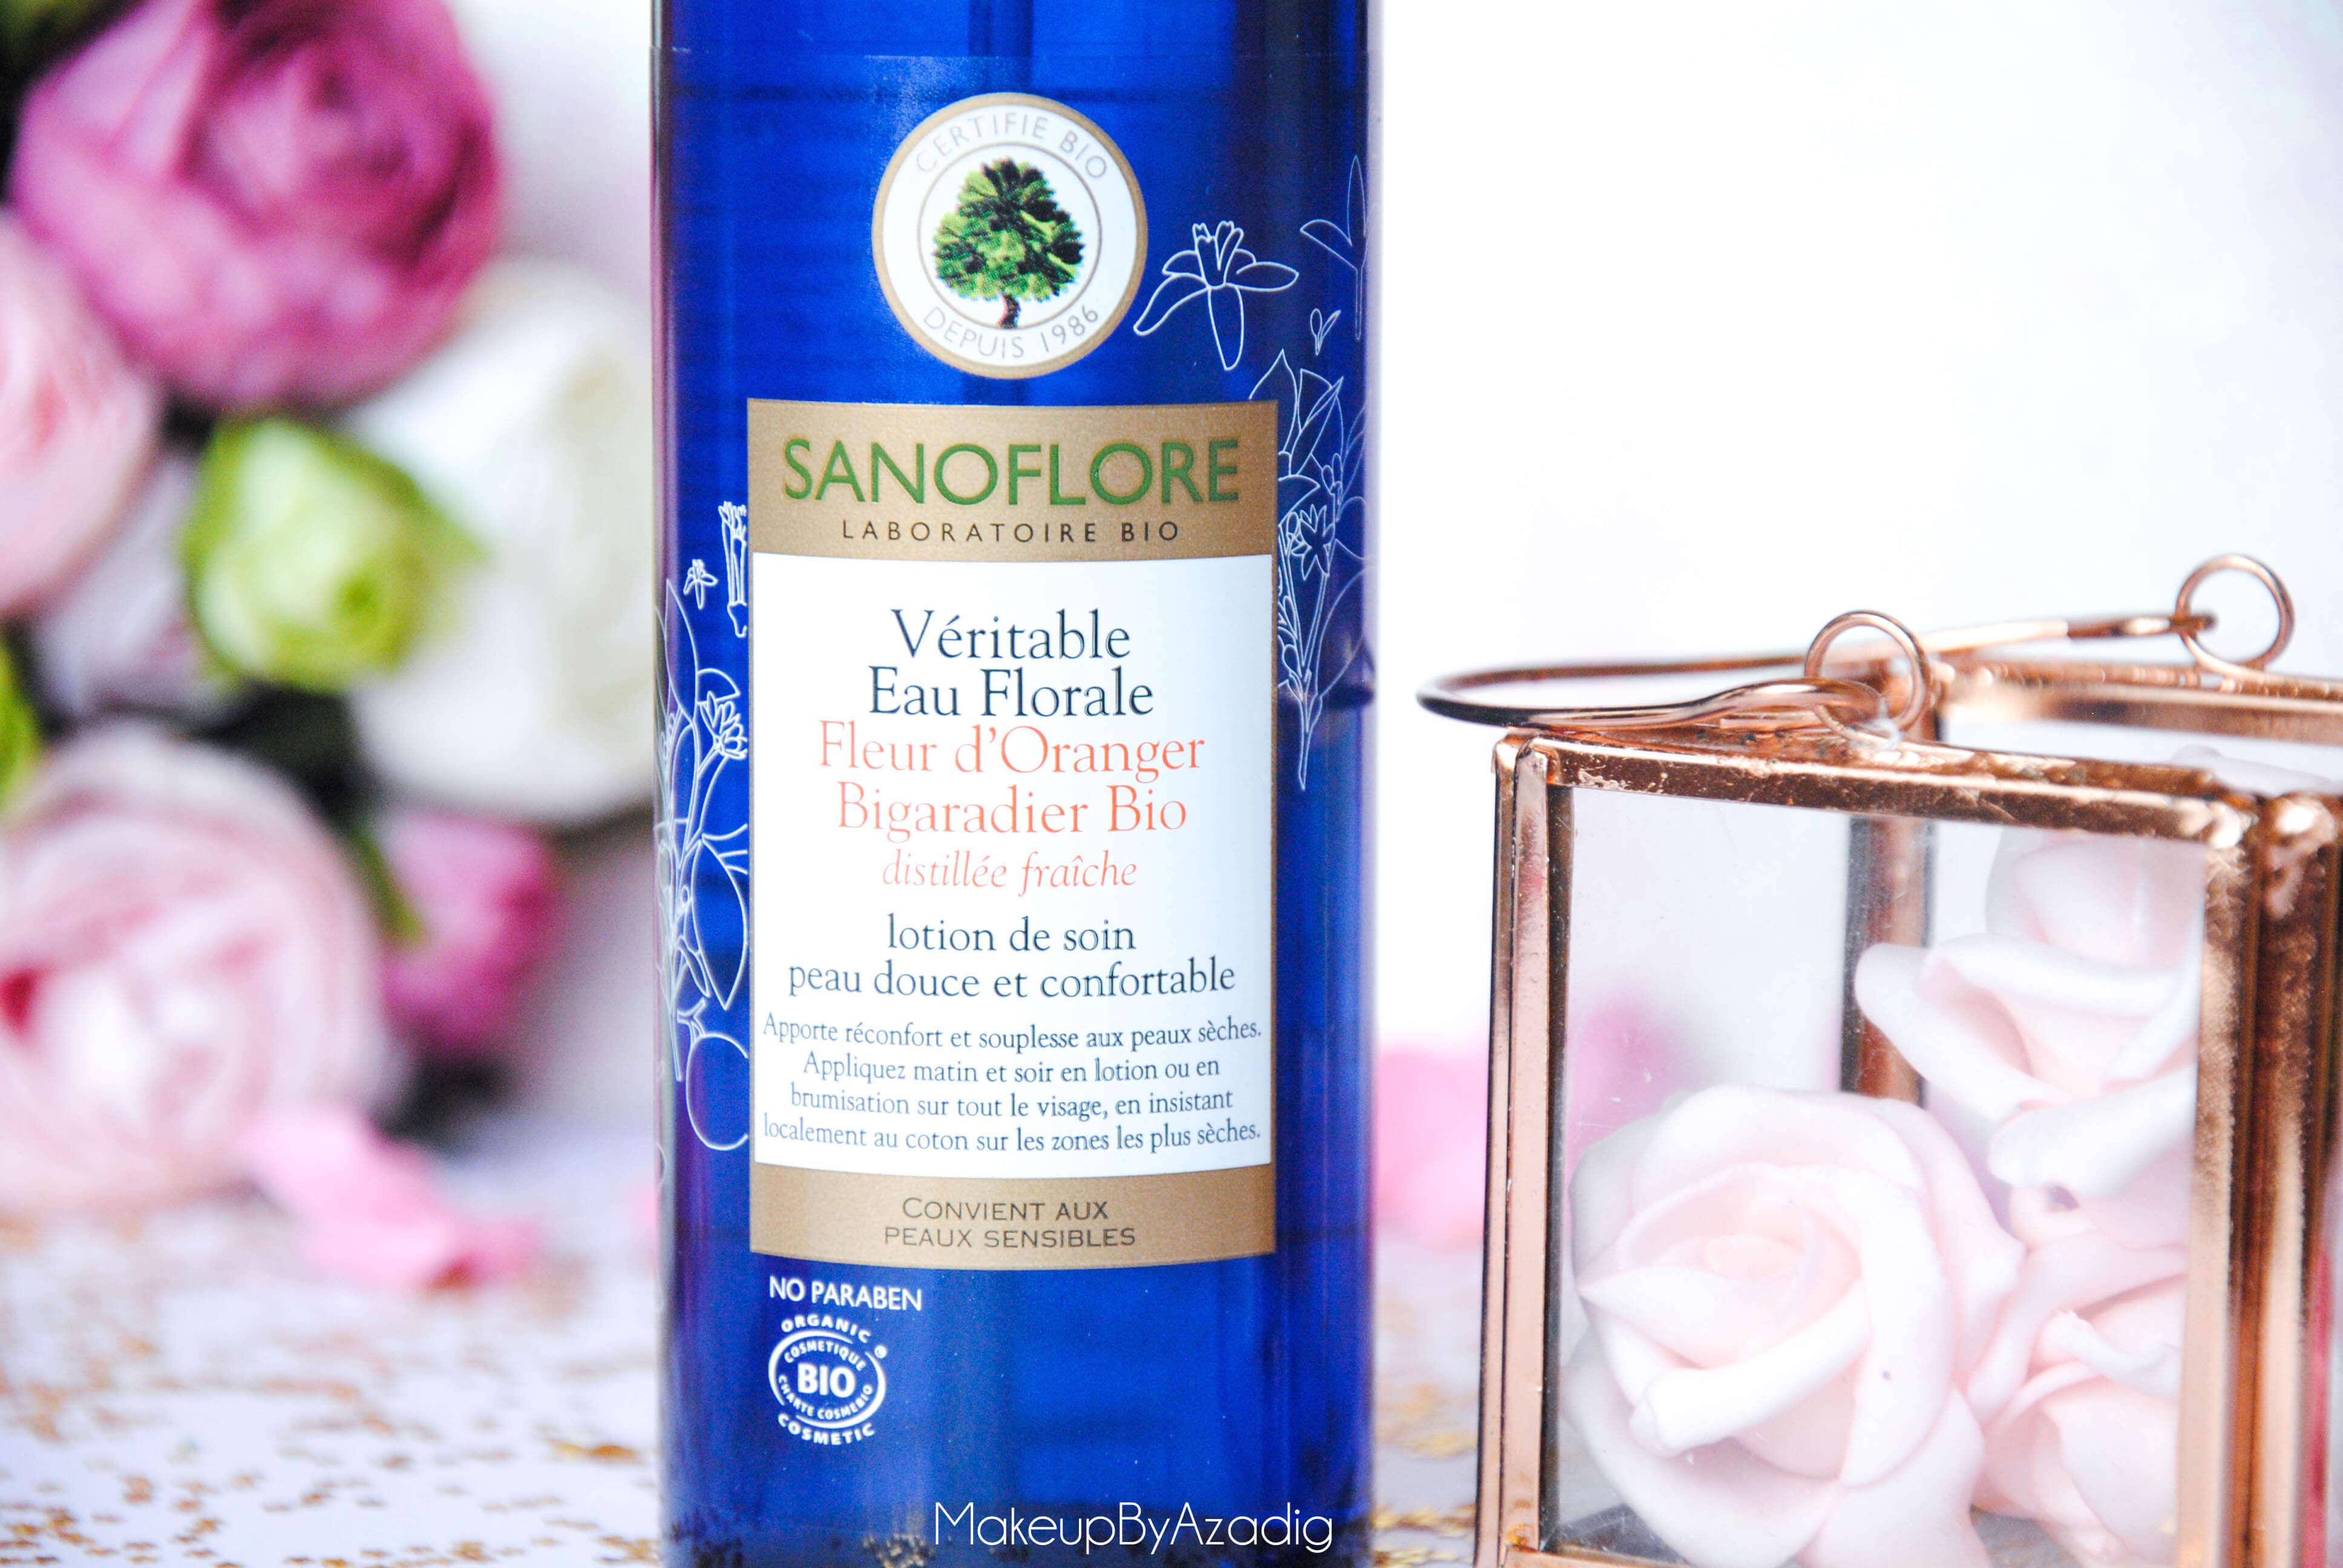 eau de beaute - caudalie - sanoflore - eau florale - produits de parapharmacie - makeupbyazadig - blog troyes - fleur d'oranger